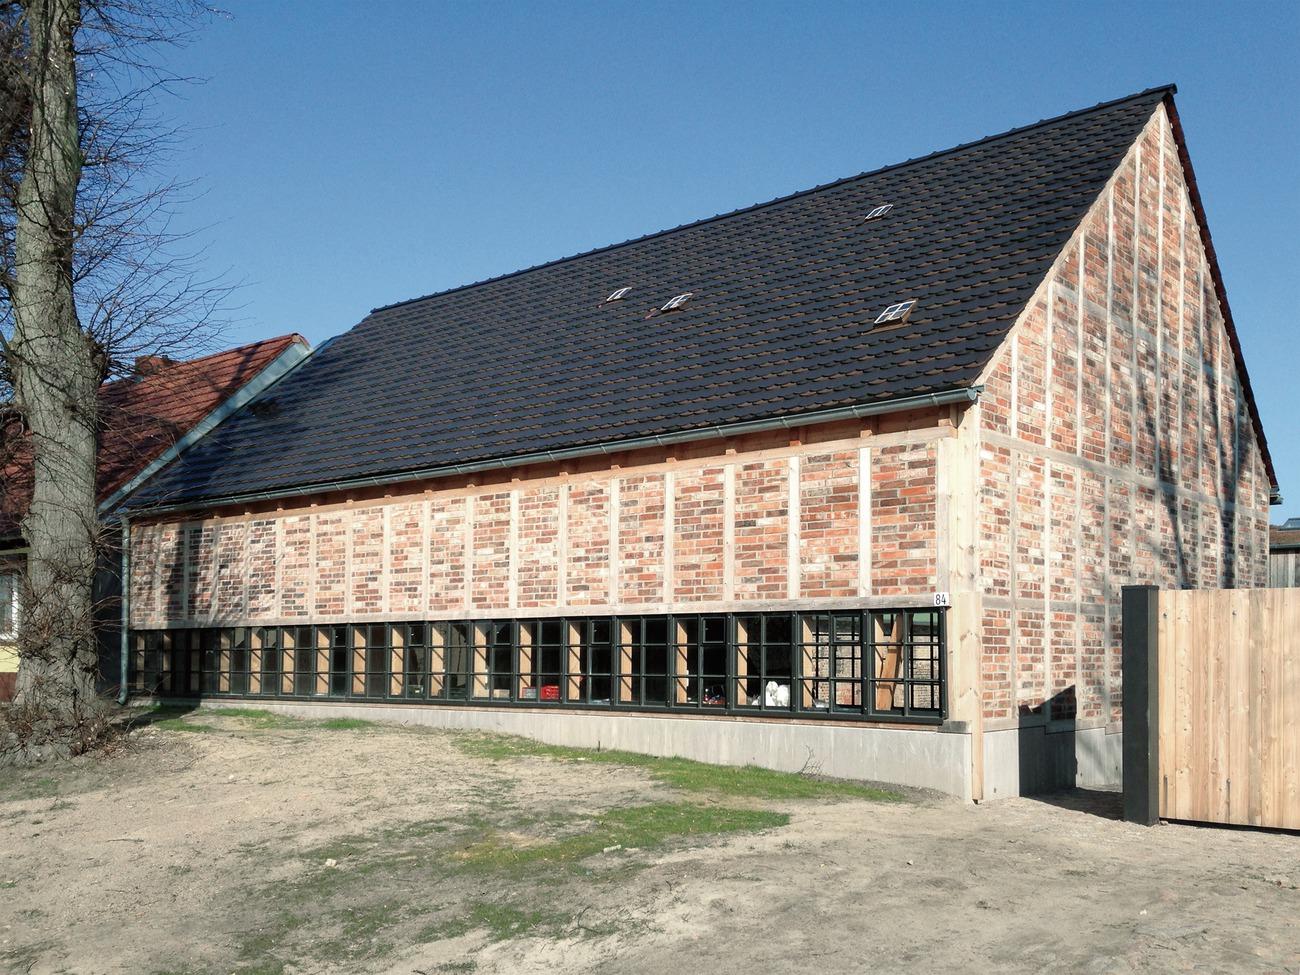 Atelierhaus am See,  Friedrichswalde, Deutschland